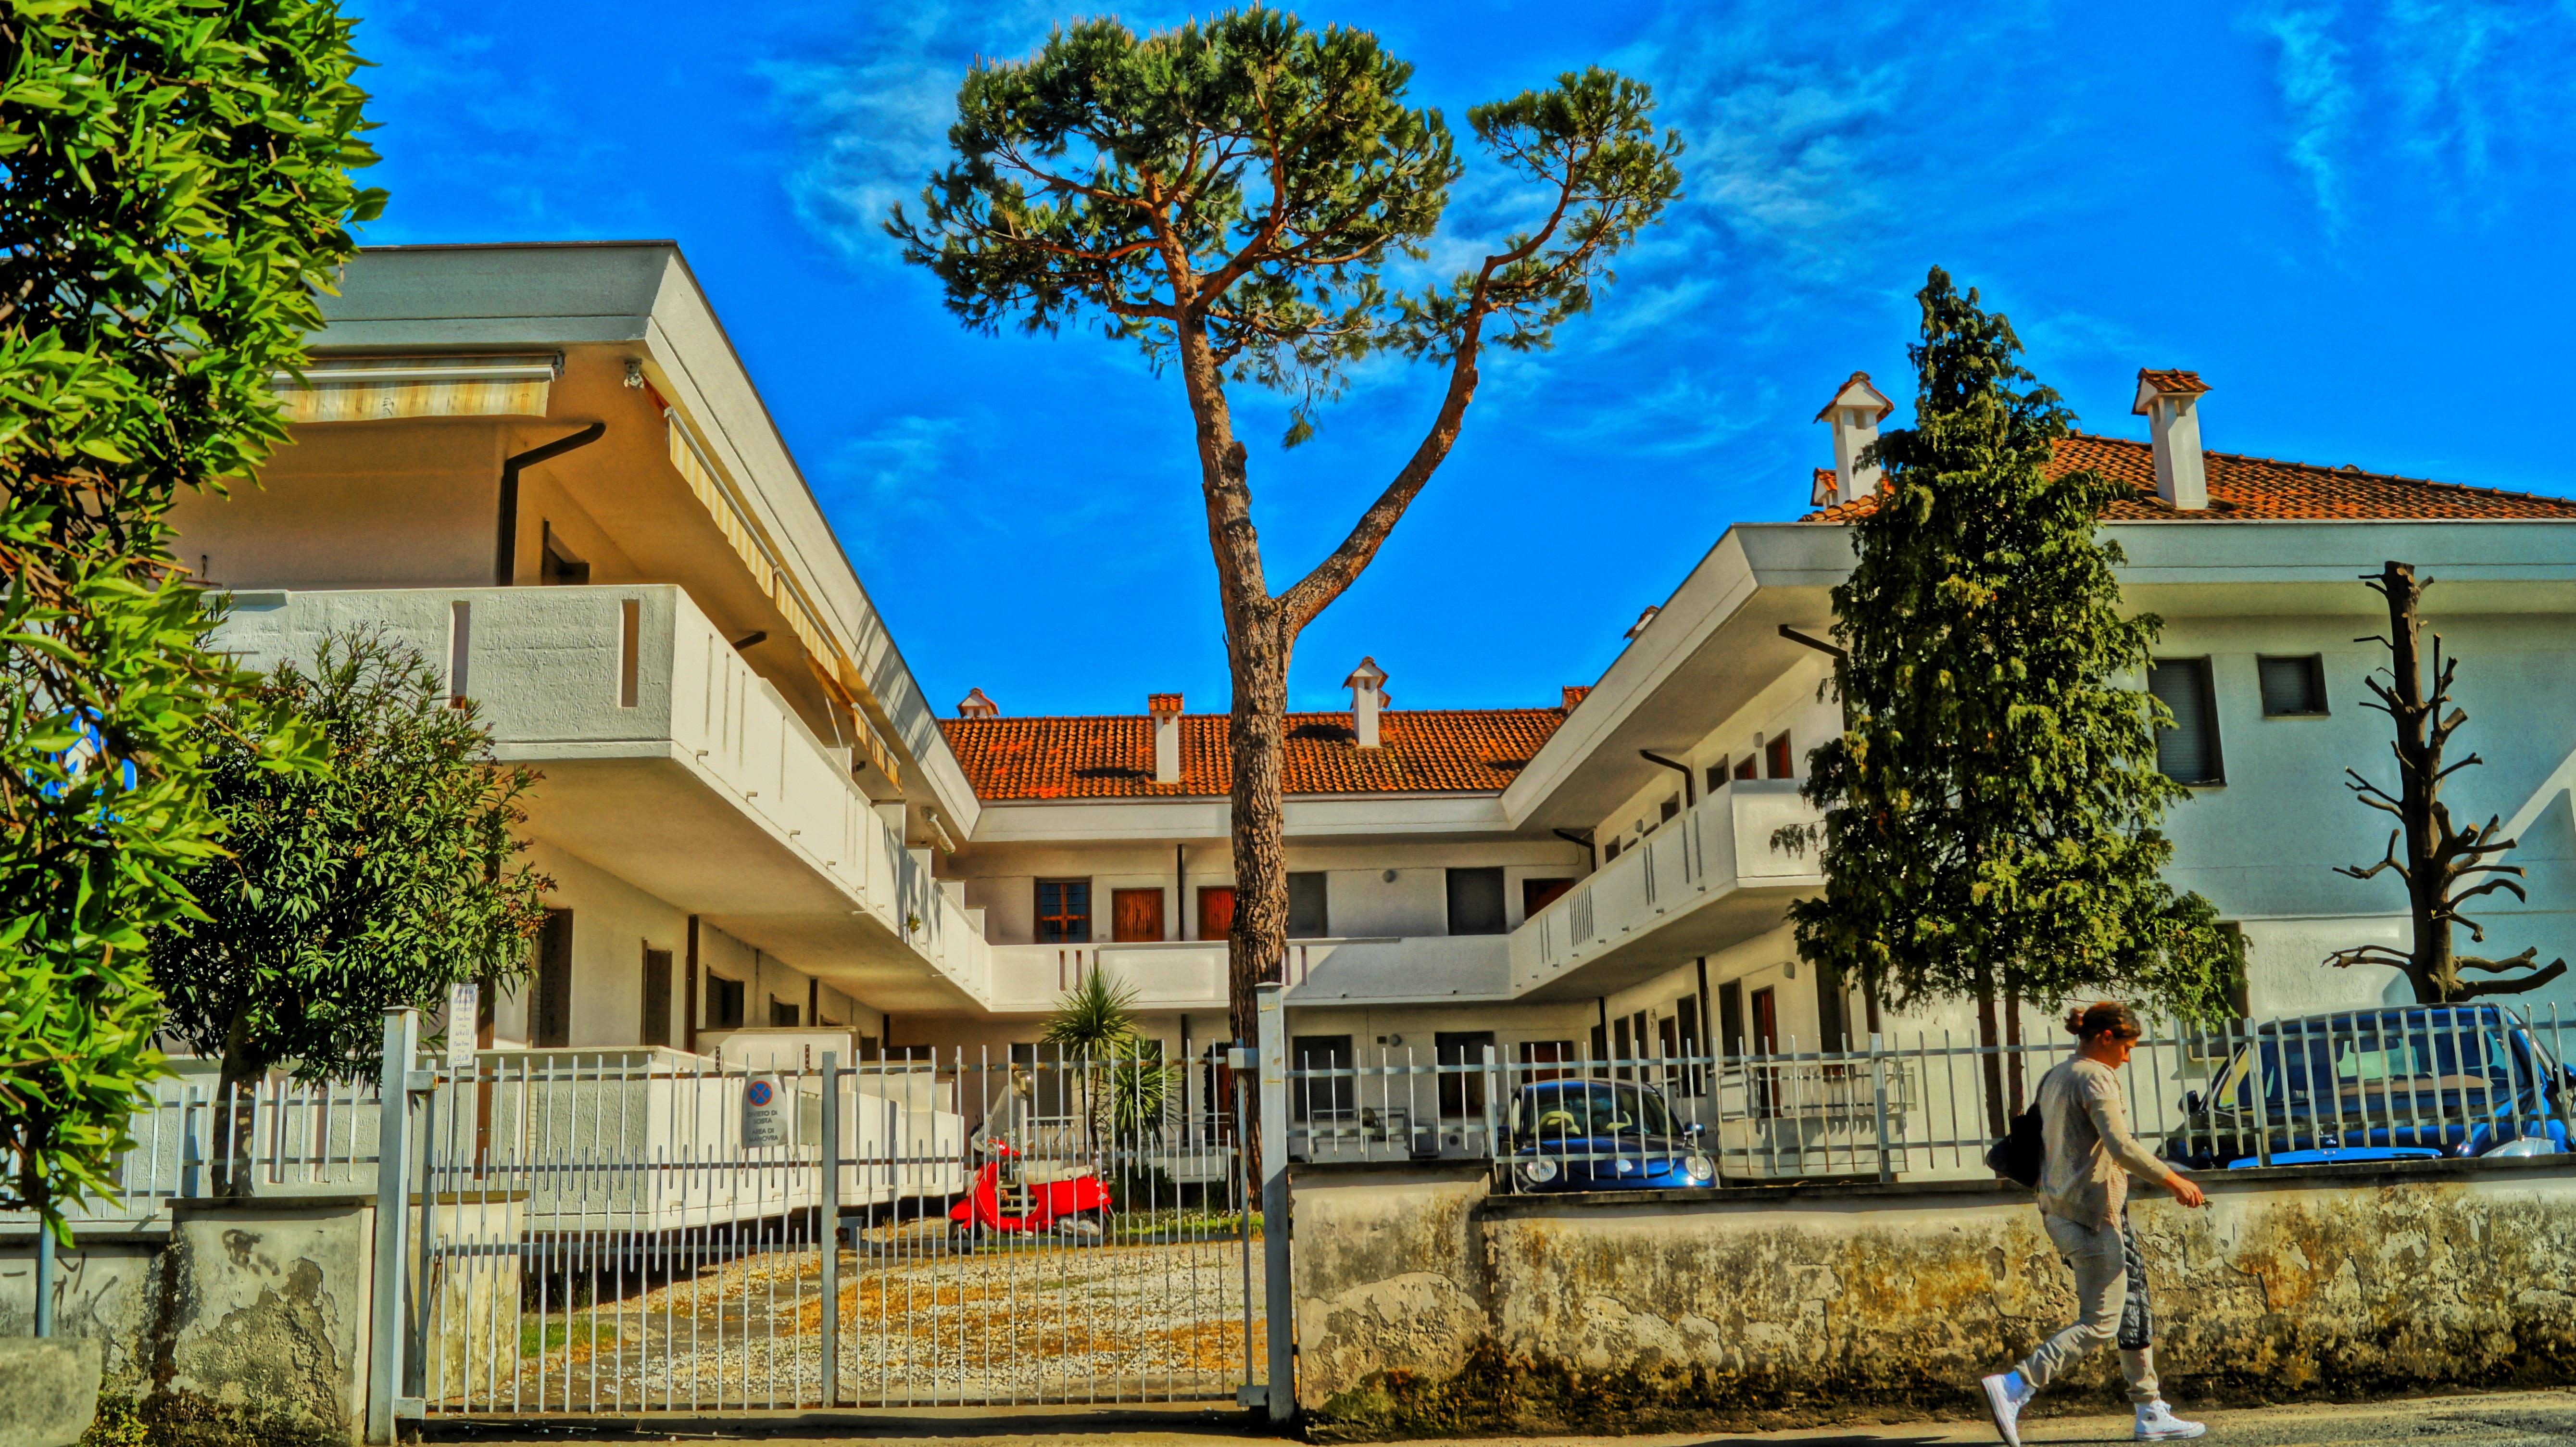 Gambar Pohon Arsitektur Langit Matahari Vila Rumah Besar